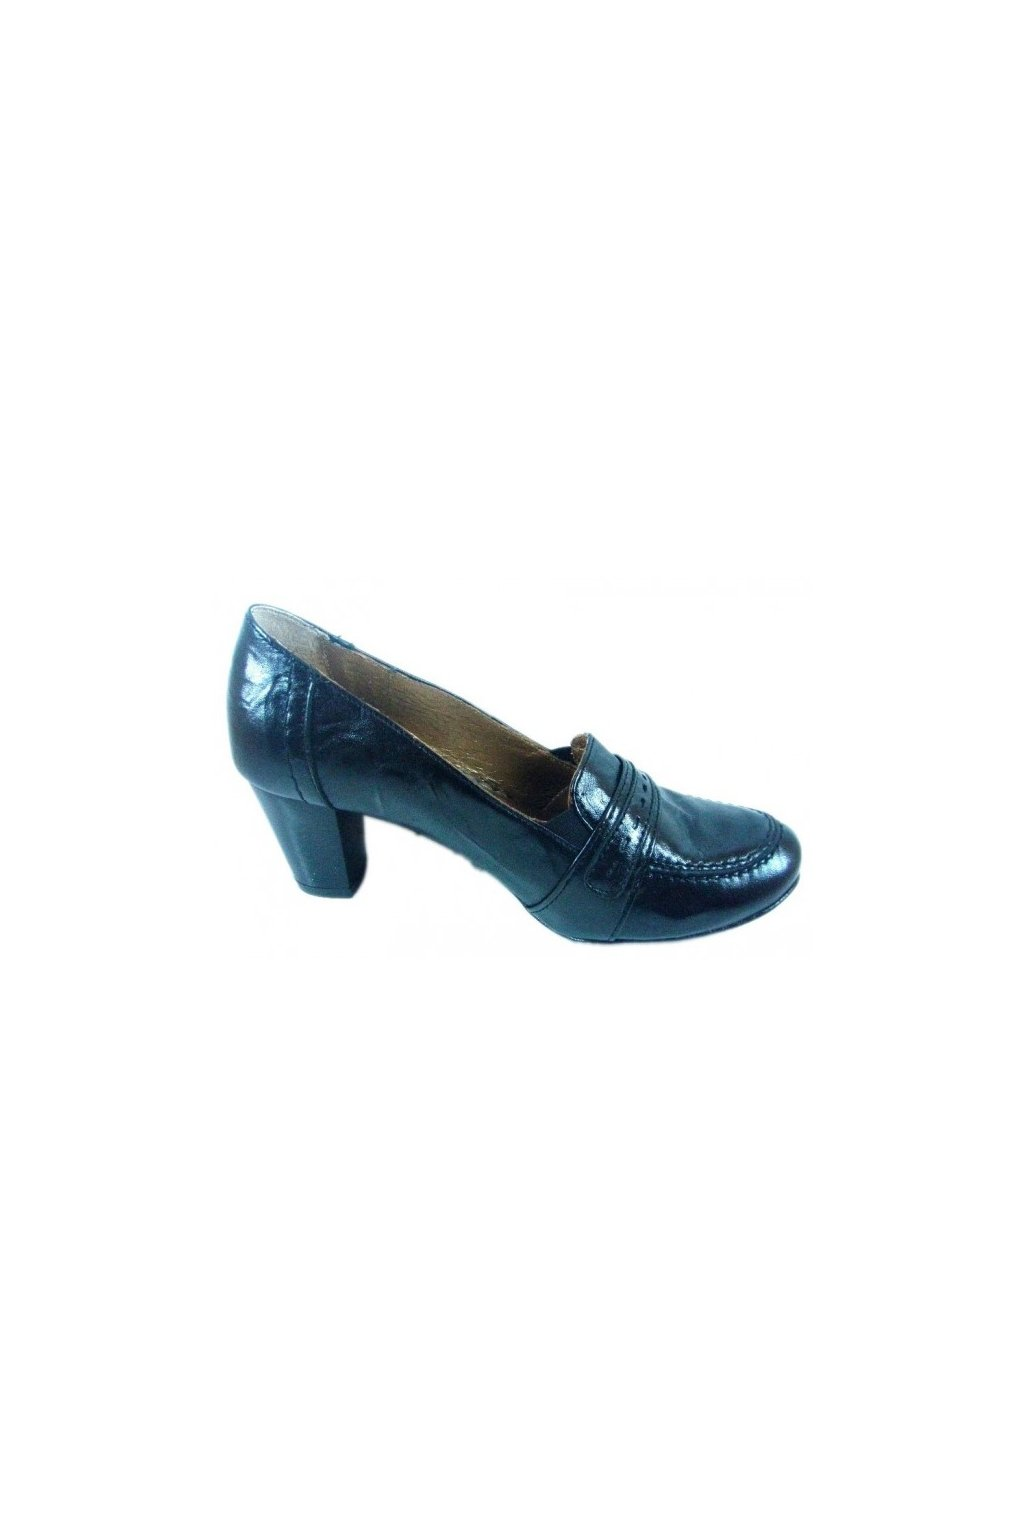 Podměrná dámská obuv Hujo J708